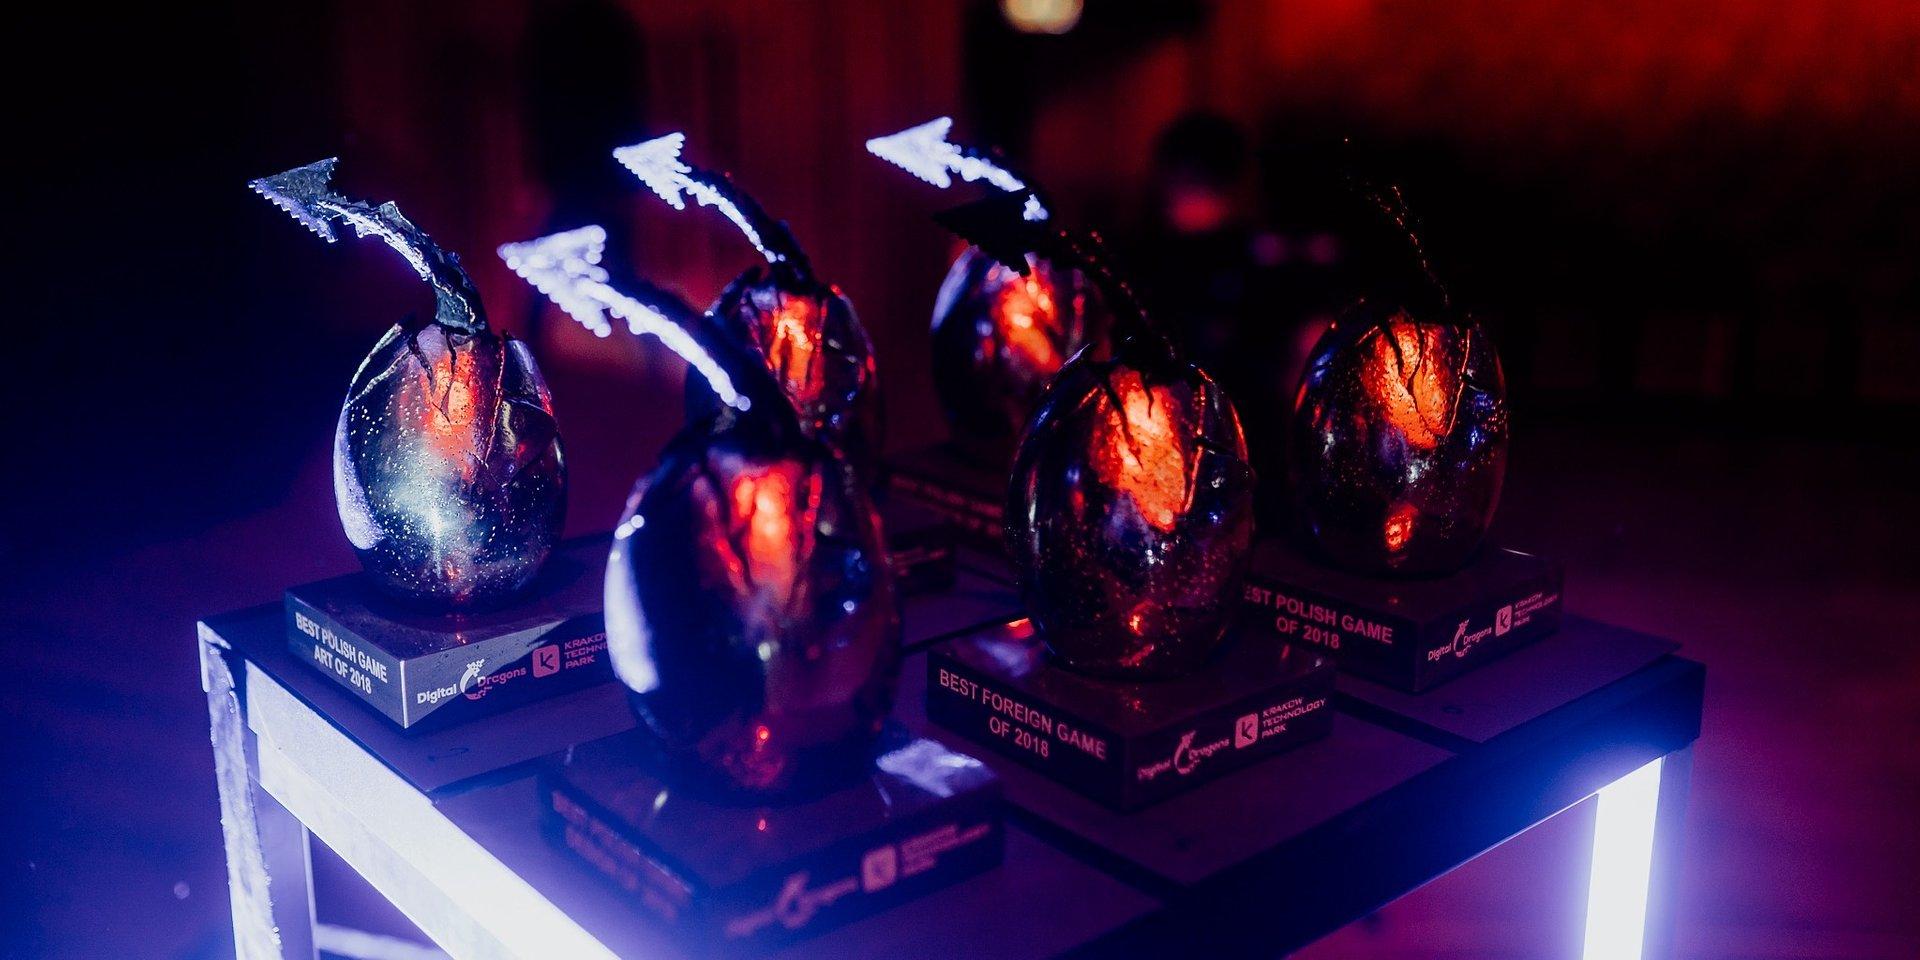 Digital Dragons nagrodzi najlepsze polskie i zagraniczne gry – Cyberpunk 2077 i Ghostrunner wśród nominowanych!